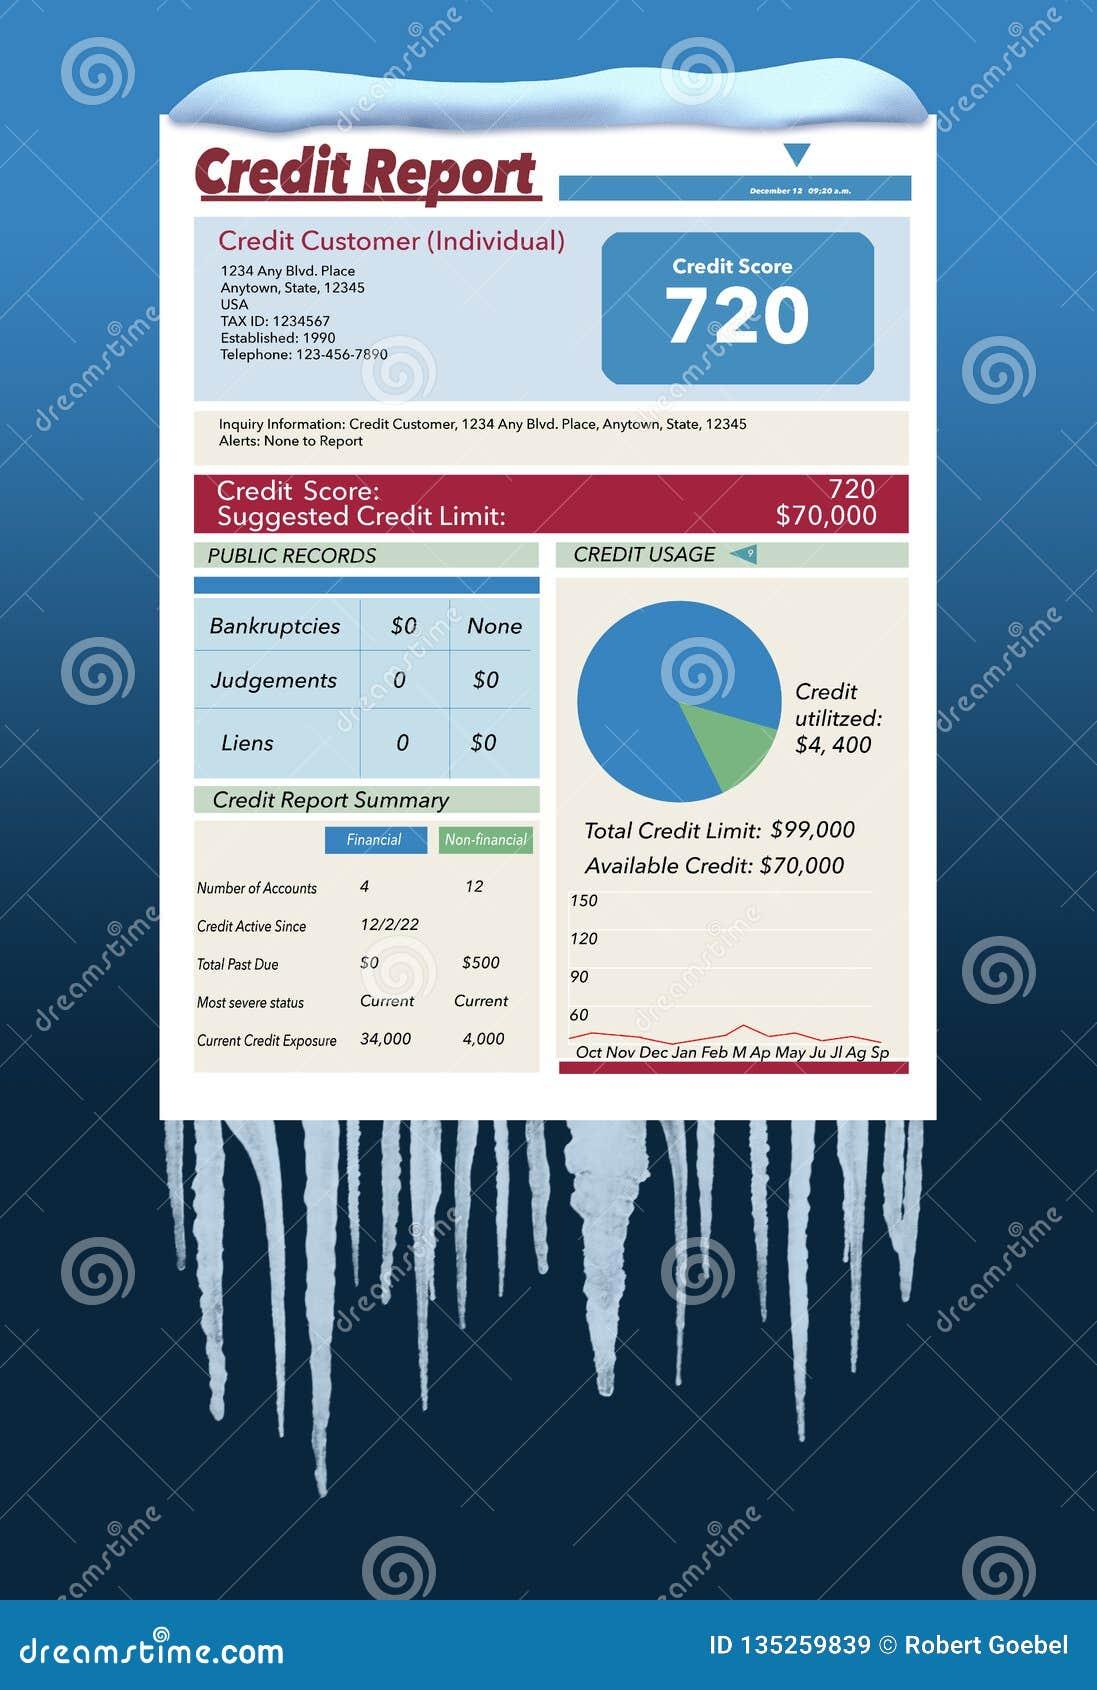 Ледистое, снег покрытая справка о кредитоспособности в пурге иллюстрирует идею замерзать ваша справка о кредитоспособности Это за